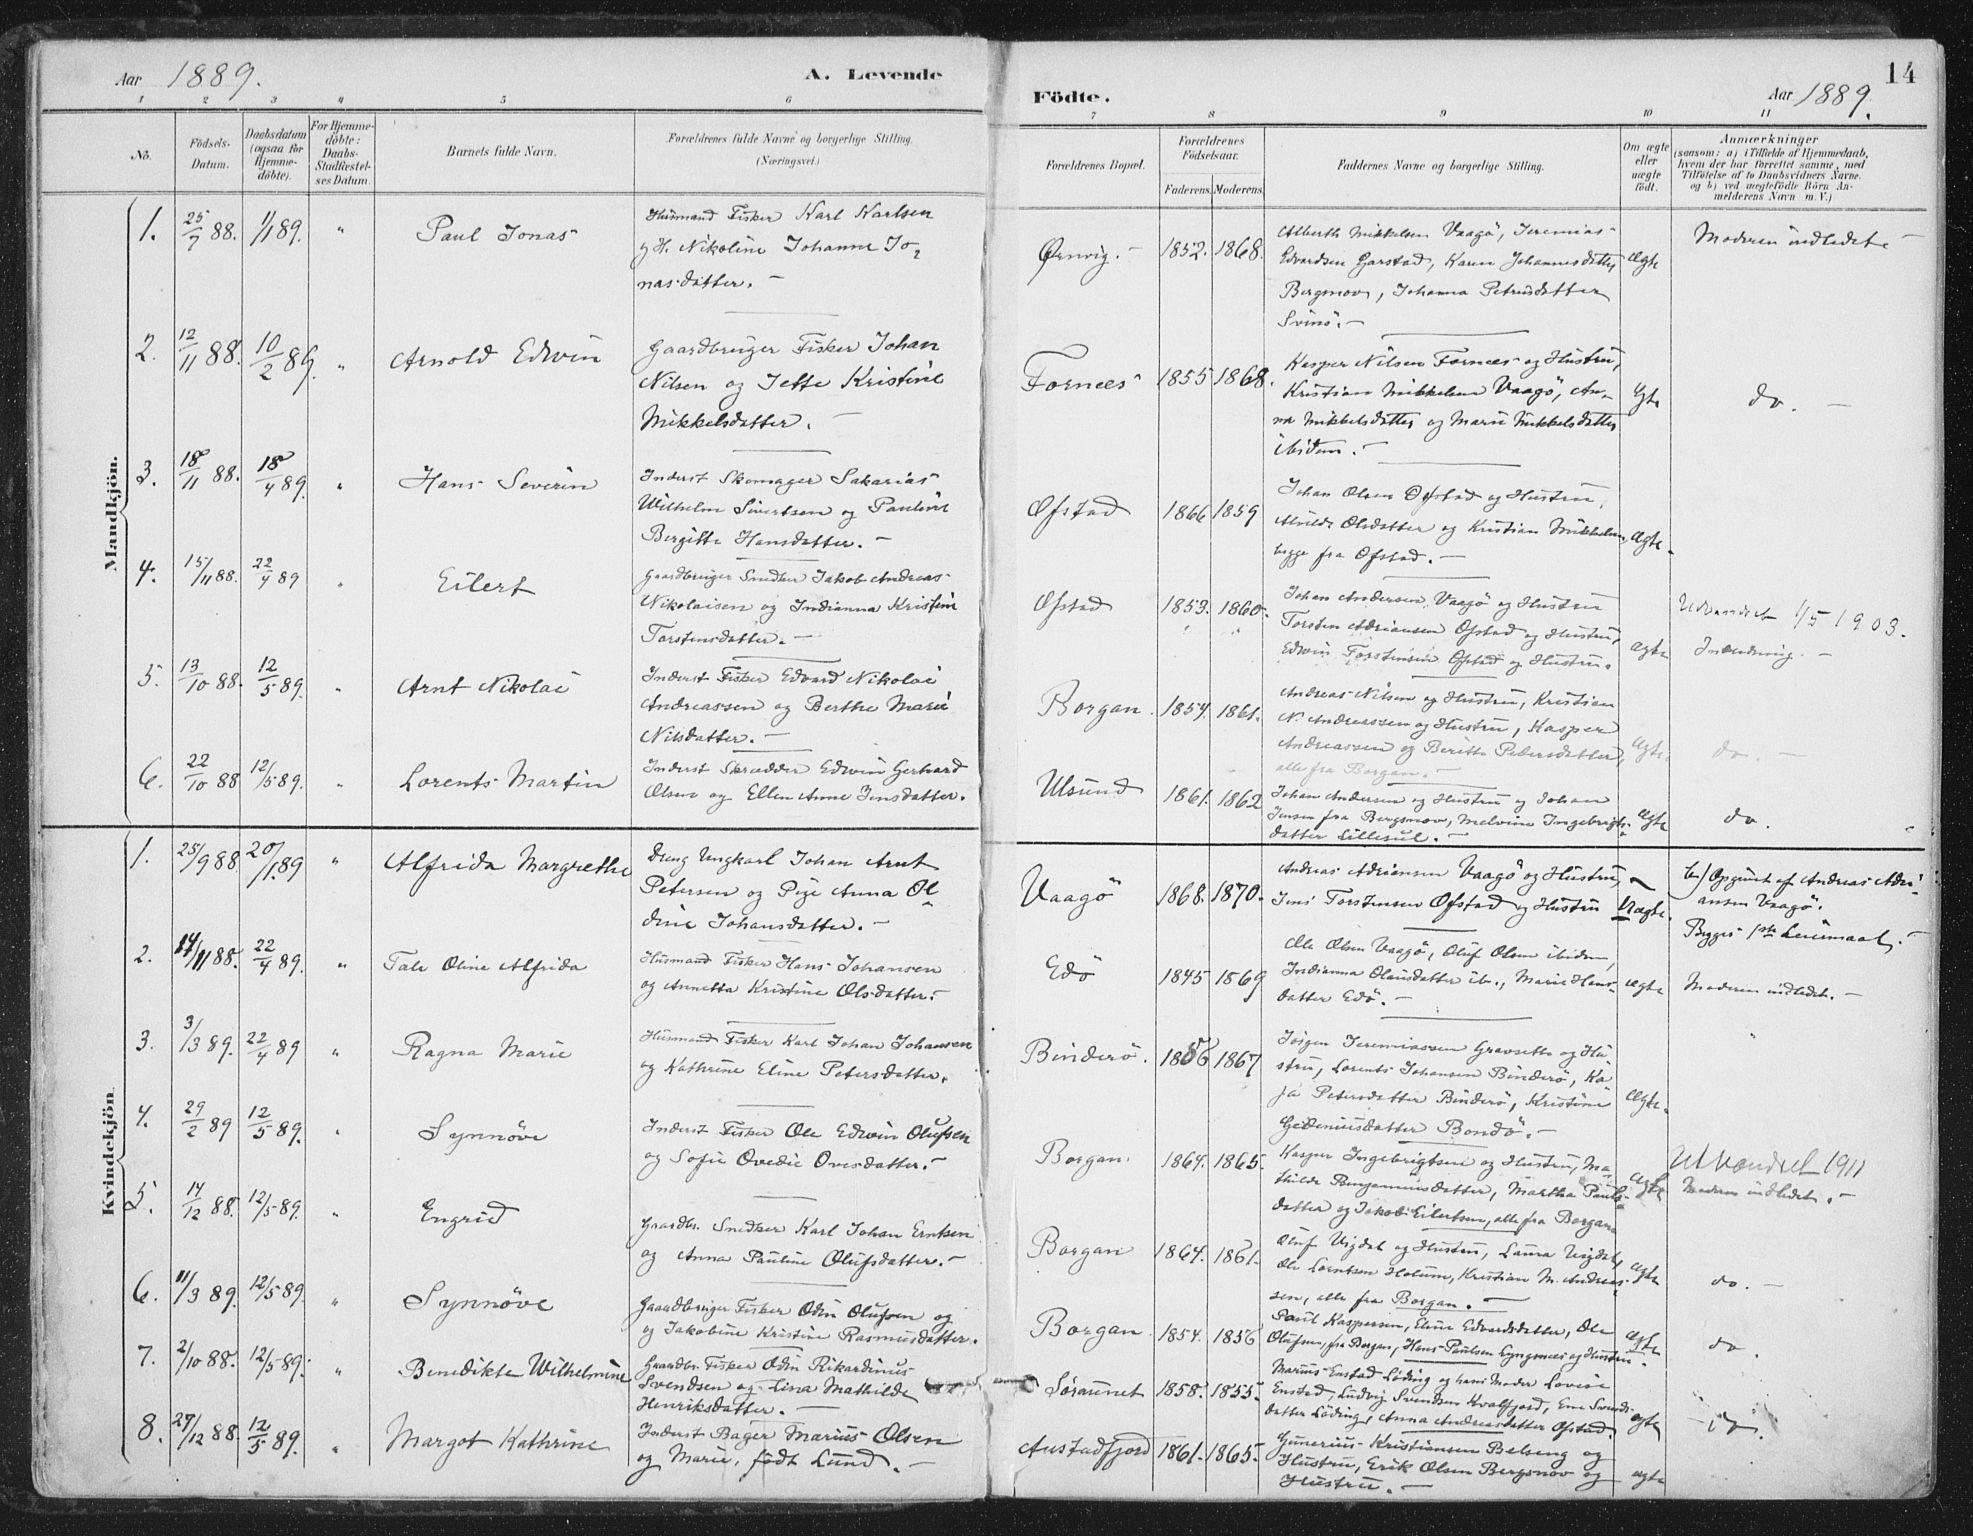 SAT, Ministerialprotokoller, klokkerbøker og fødselsregistre - Nord-Trøndelag, 786/L0687: Ministerialbok nr. 786A03, 1888-1898, s. 14